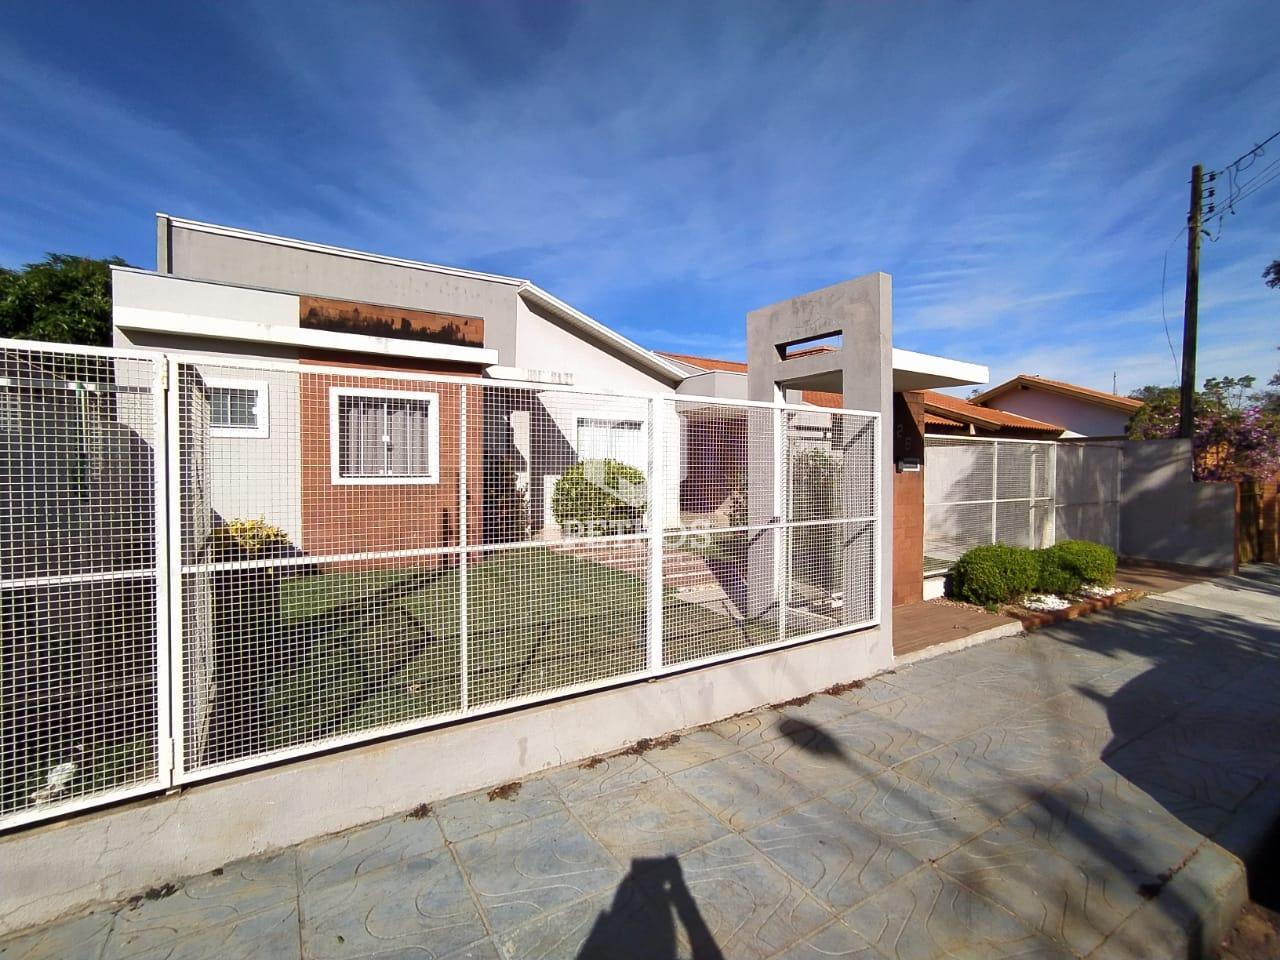 Casa  SOZINHA no terreno localizada na Vila Industrial